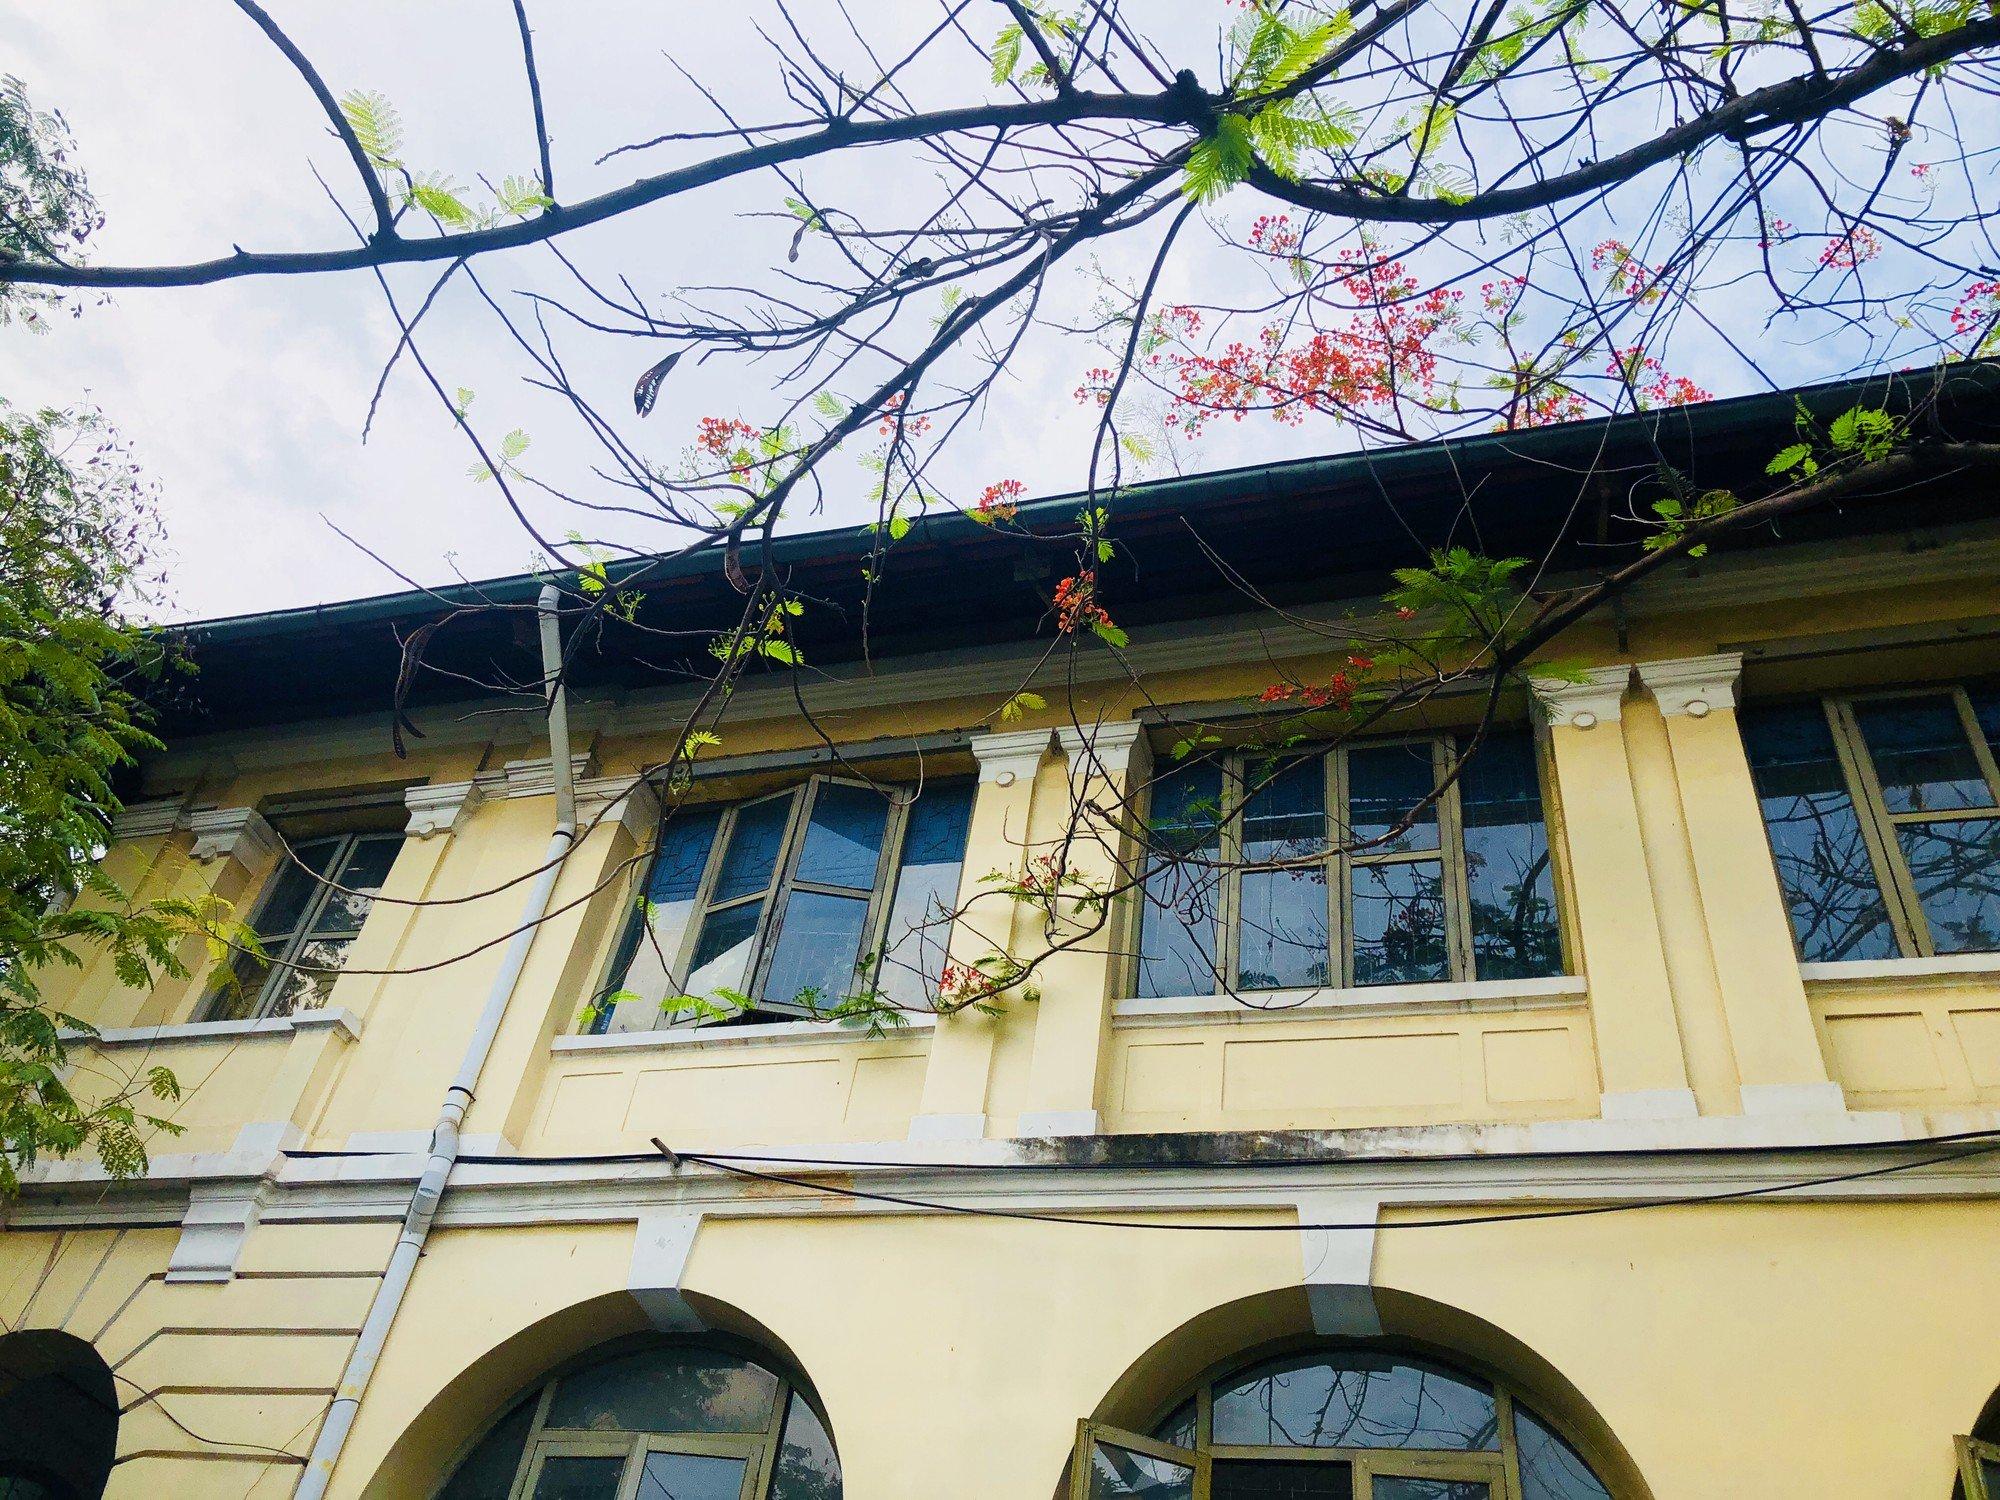 Cận cảnh dinh Thượng Thơ 120 năm tuổi ở Sài Gòn có nguy cơ bị đập bỏ 18